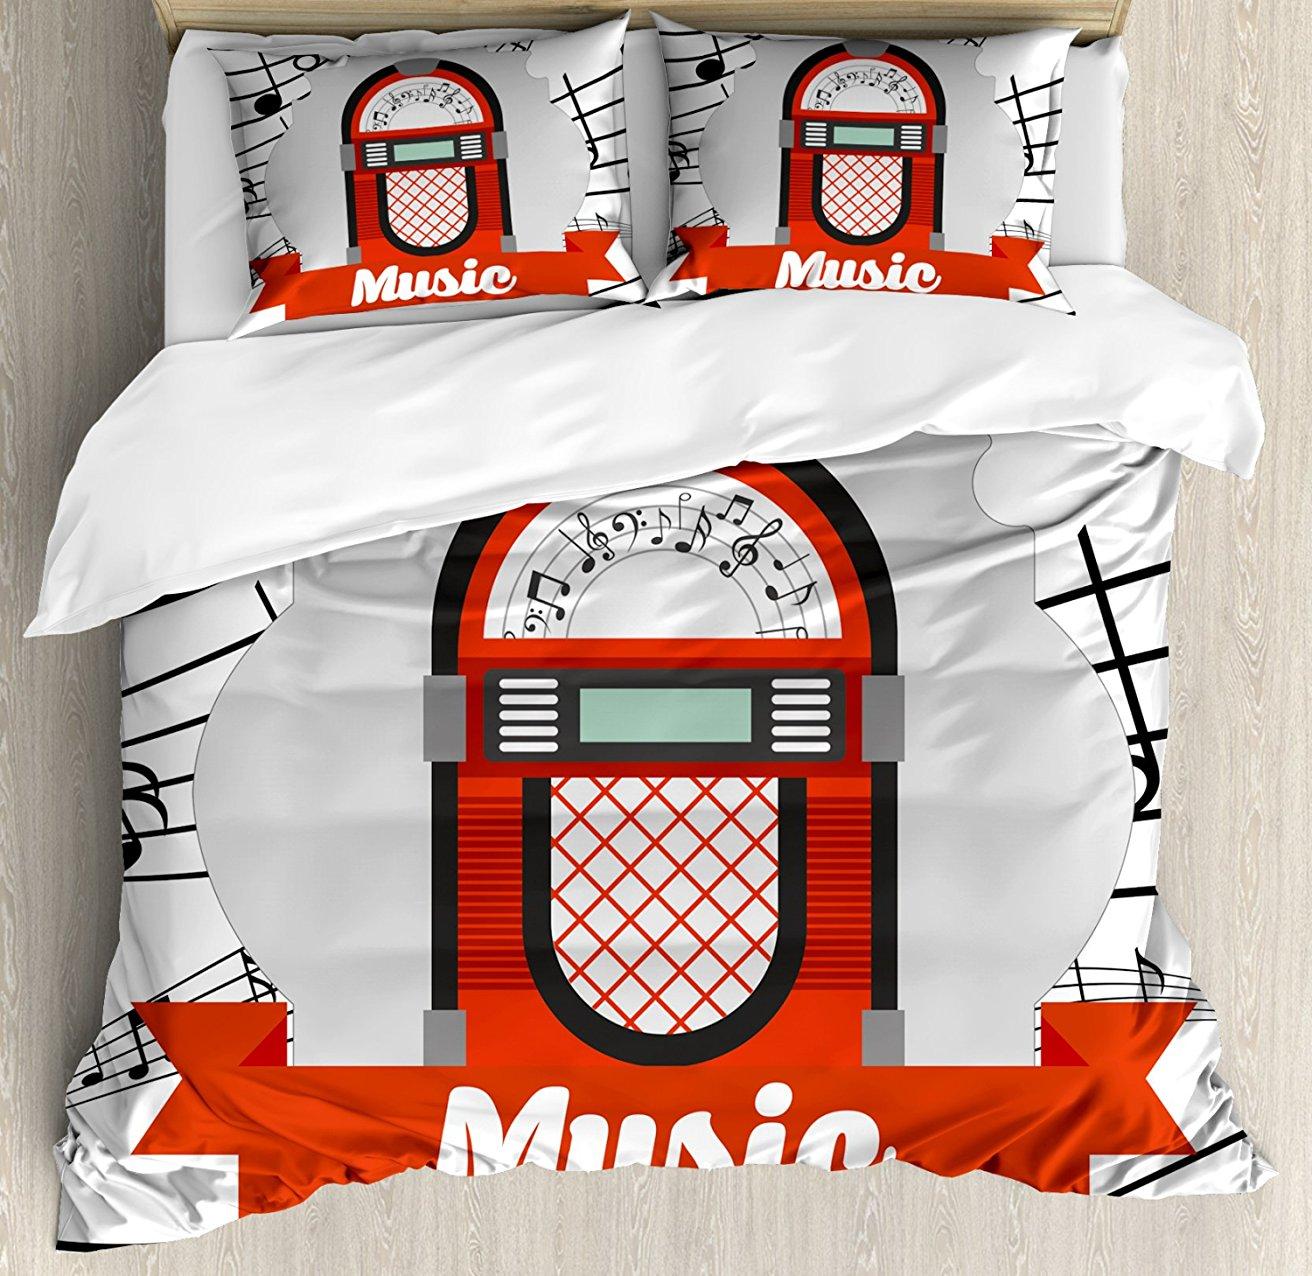 Jukebox постельное белье, Винтаж музыка радиоблок с изображением героя мультфильма, комплекты с Notes работа принт, 4 комплект постельного белья